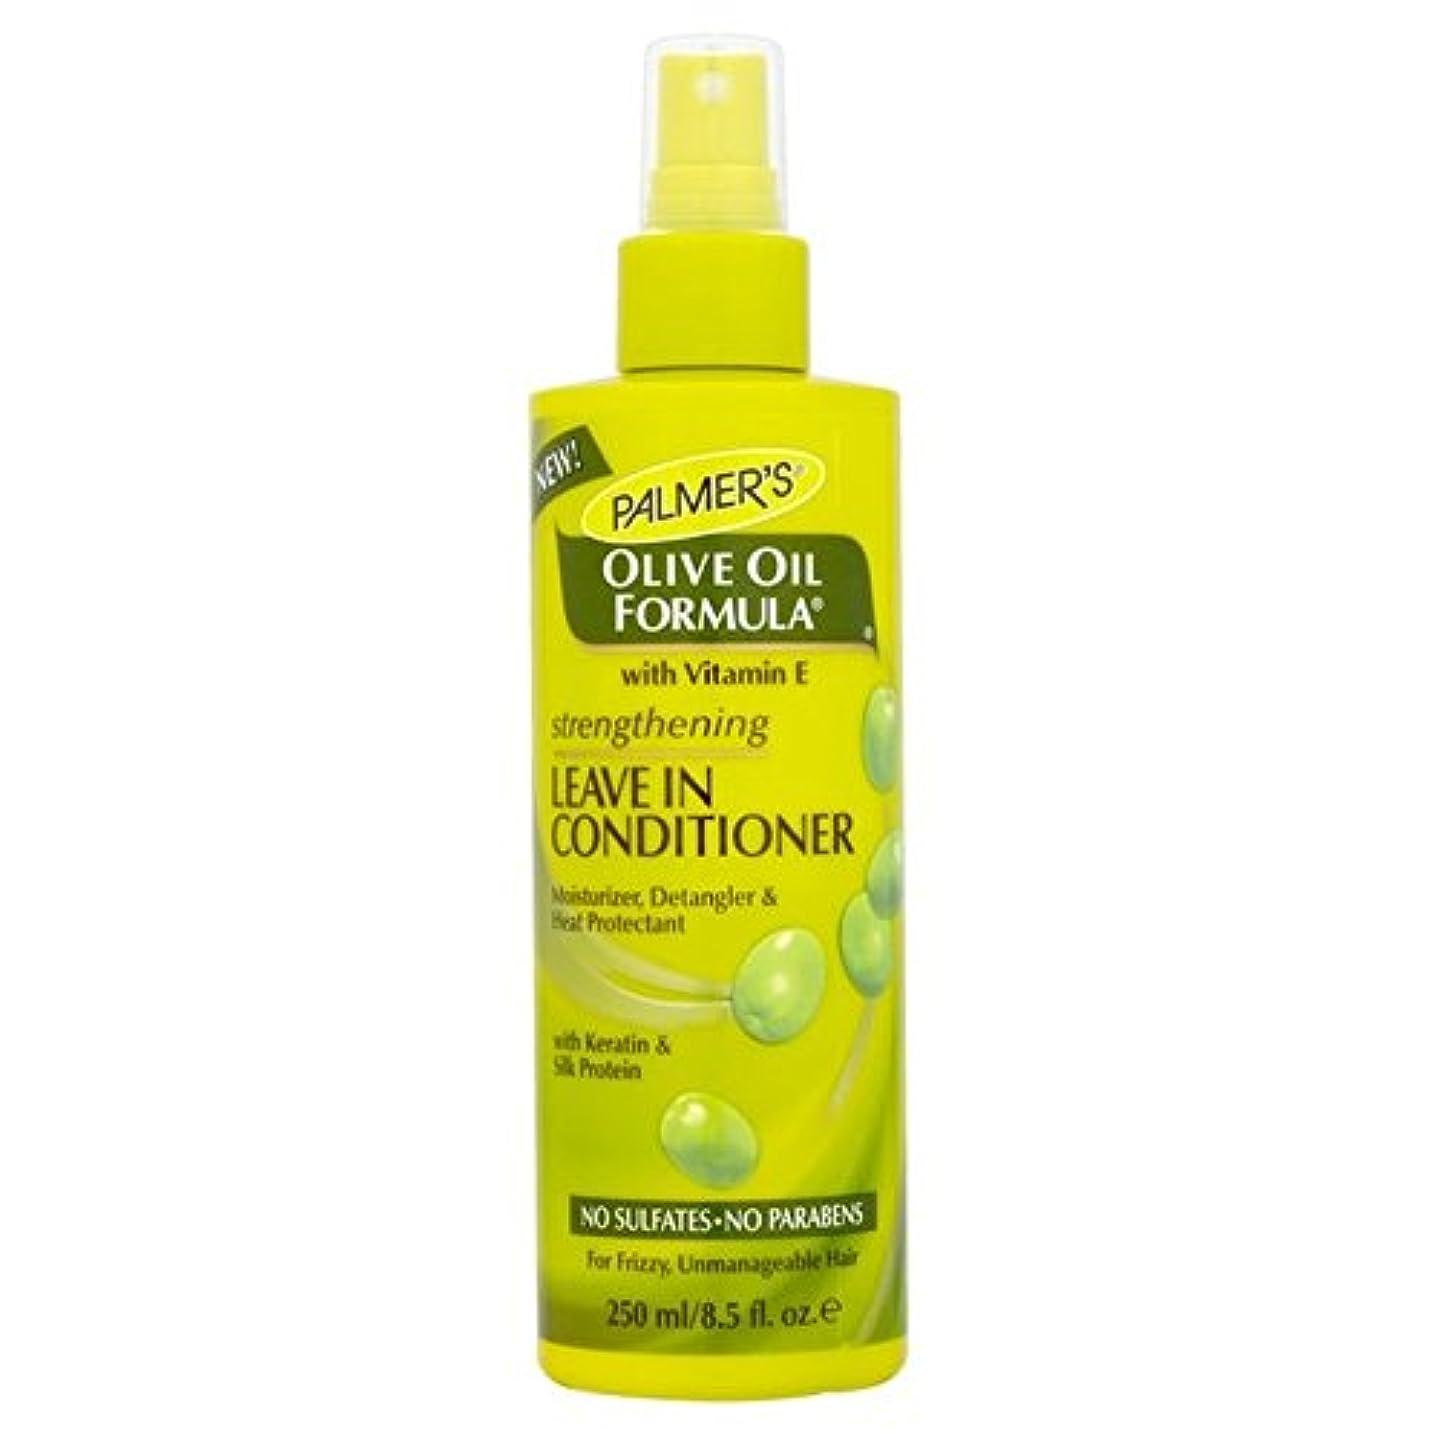 購入増幅器オーロックPalmer's Olive Oil Formula Strengthening Leave-in Conditioner 250ml (Pack of 6) - リーブインコンディショナー250を強化パーマーのオリーブオイル...